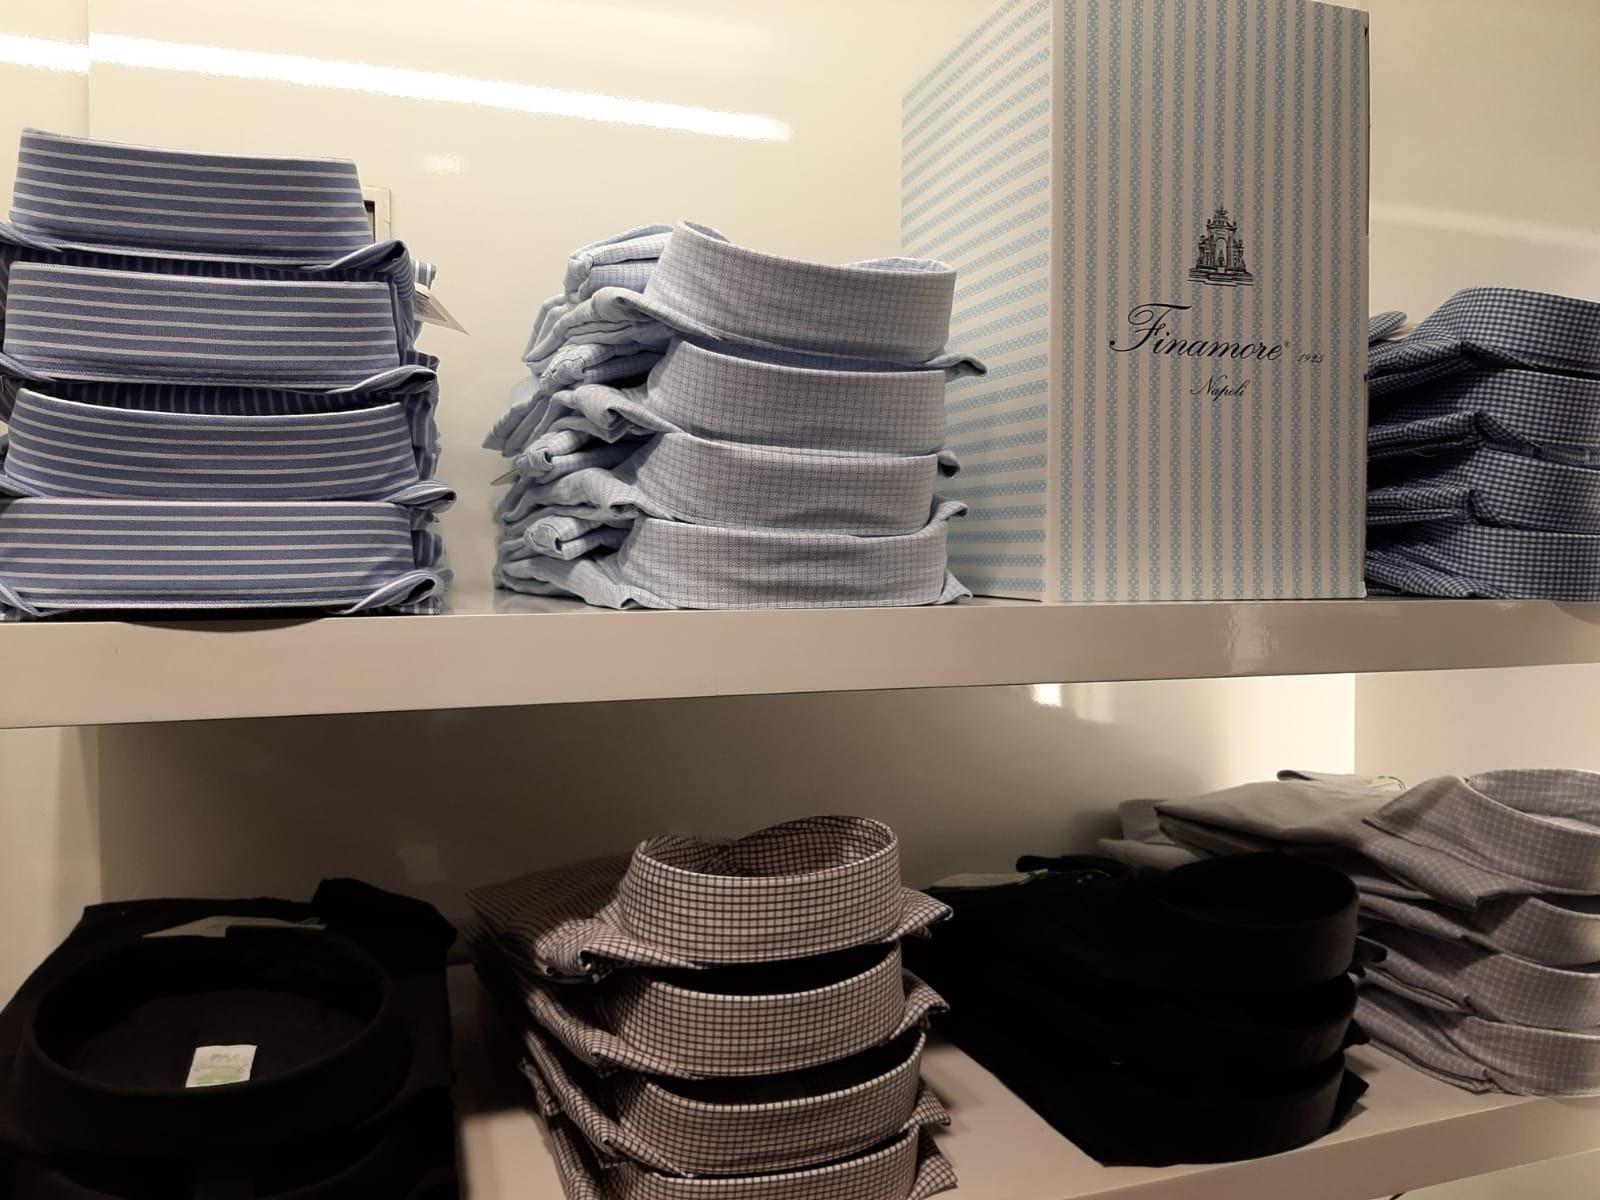 Finamore Shirts